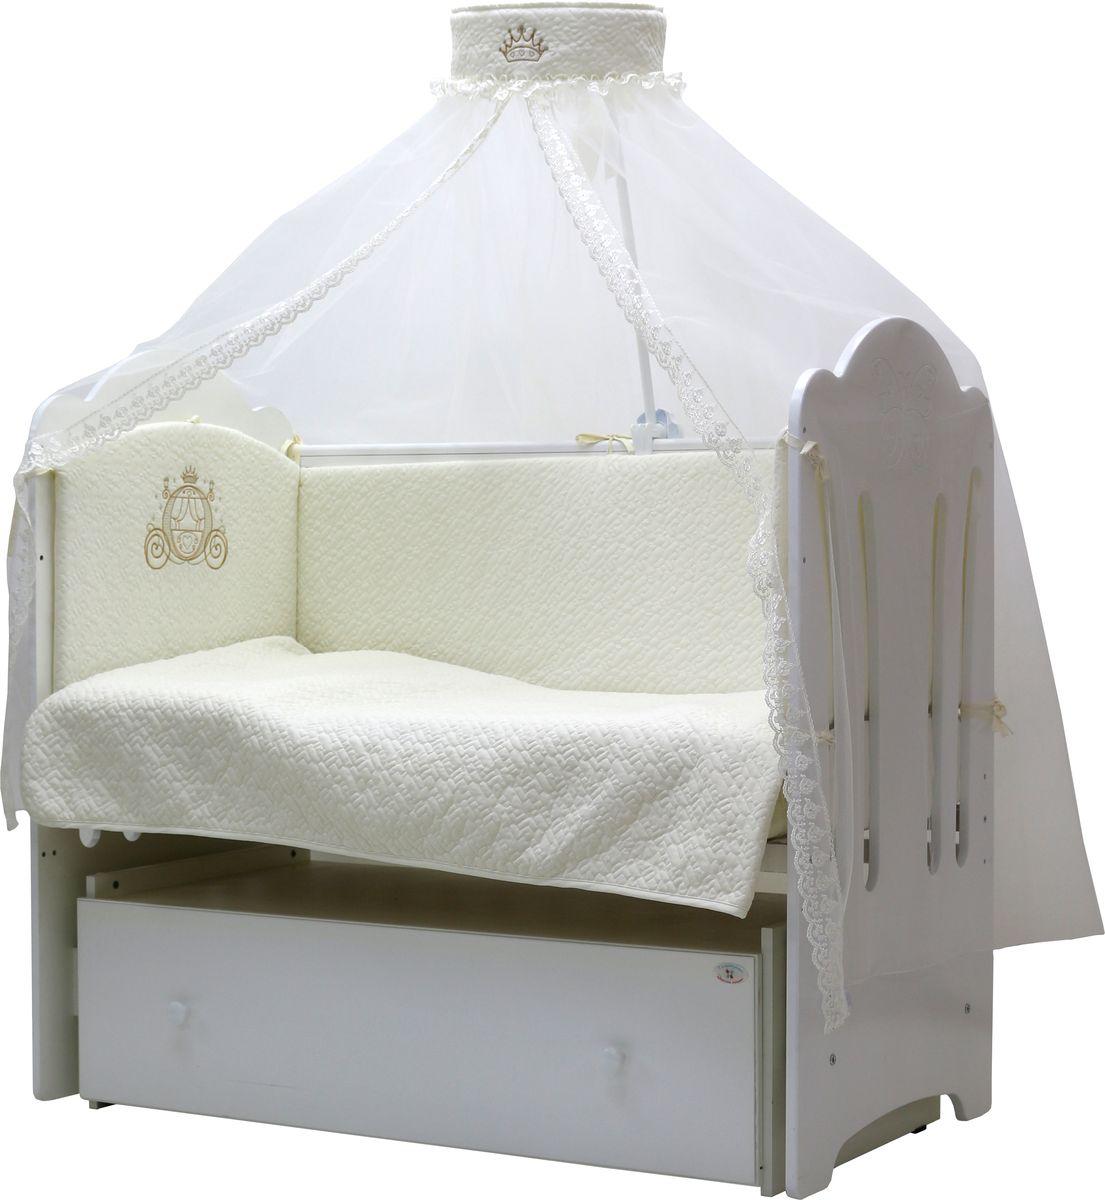 """Комплект постельного белья «Сказка» от бренда """"Топотушки"""" выполнен в классическом белом цвете. Одеяло в комплекте выполнено из  холлофайбера. Ткань - поплин. С таким постельным бельем вашему ребенку будут снится яркие сказочные сны!  В набор постельного белья входят: -Балдахин – 4 м -Бортики из 4-х частей 360*35см, -Подушка 40*60см, -Одеяло 100*140 см , -Наволочка 40*60см, -Пододеяльник 104*146см, -Простынь на резинке 120*60см,"""